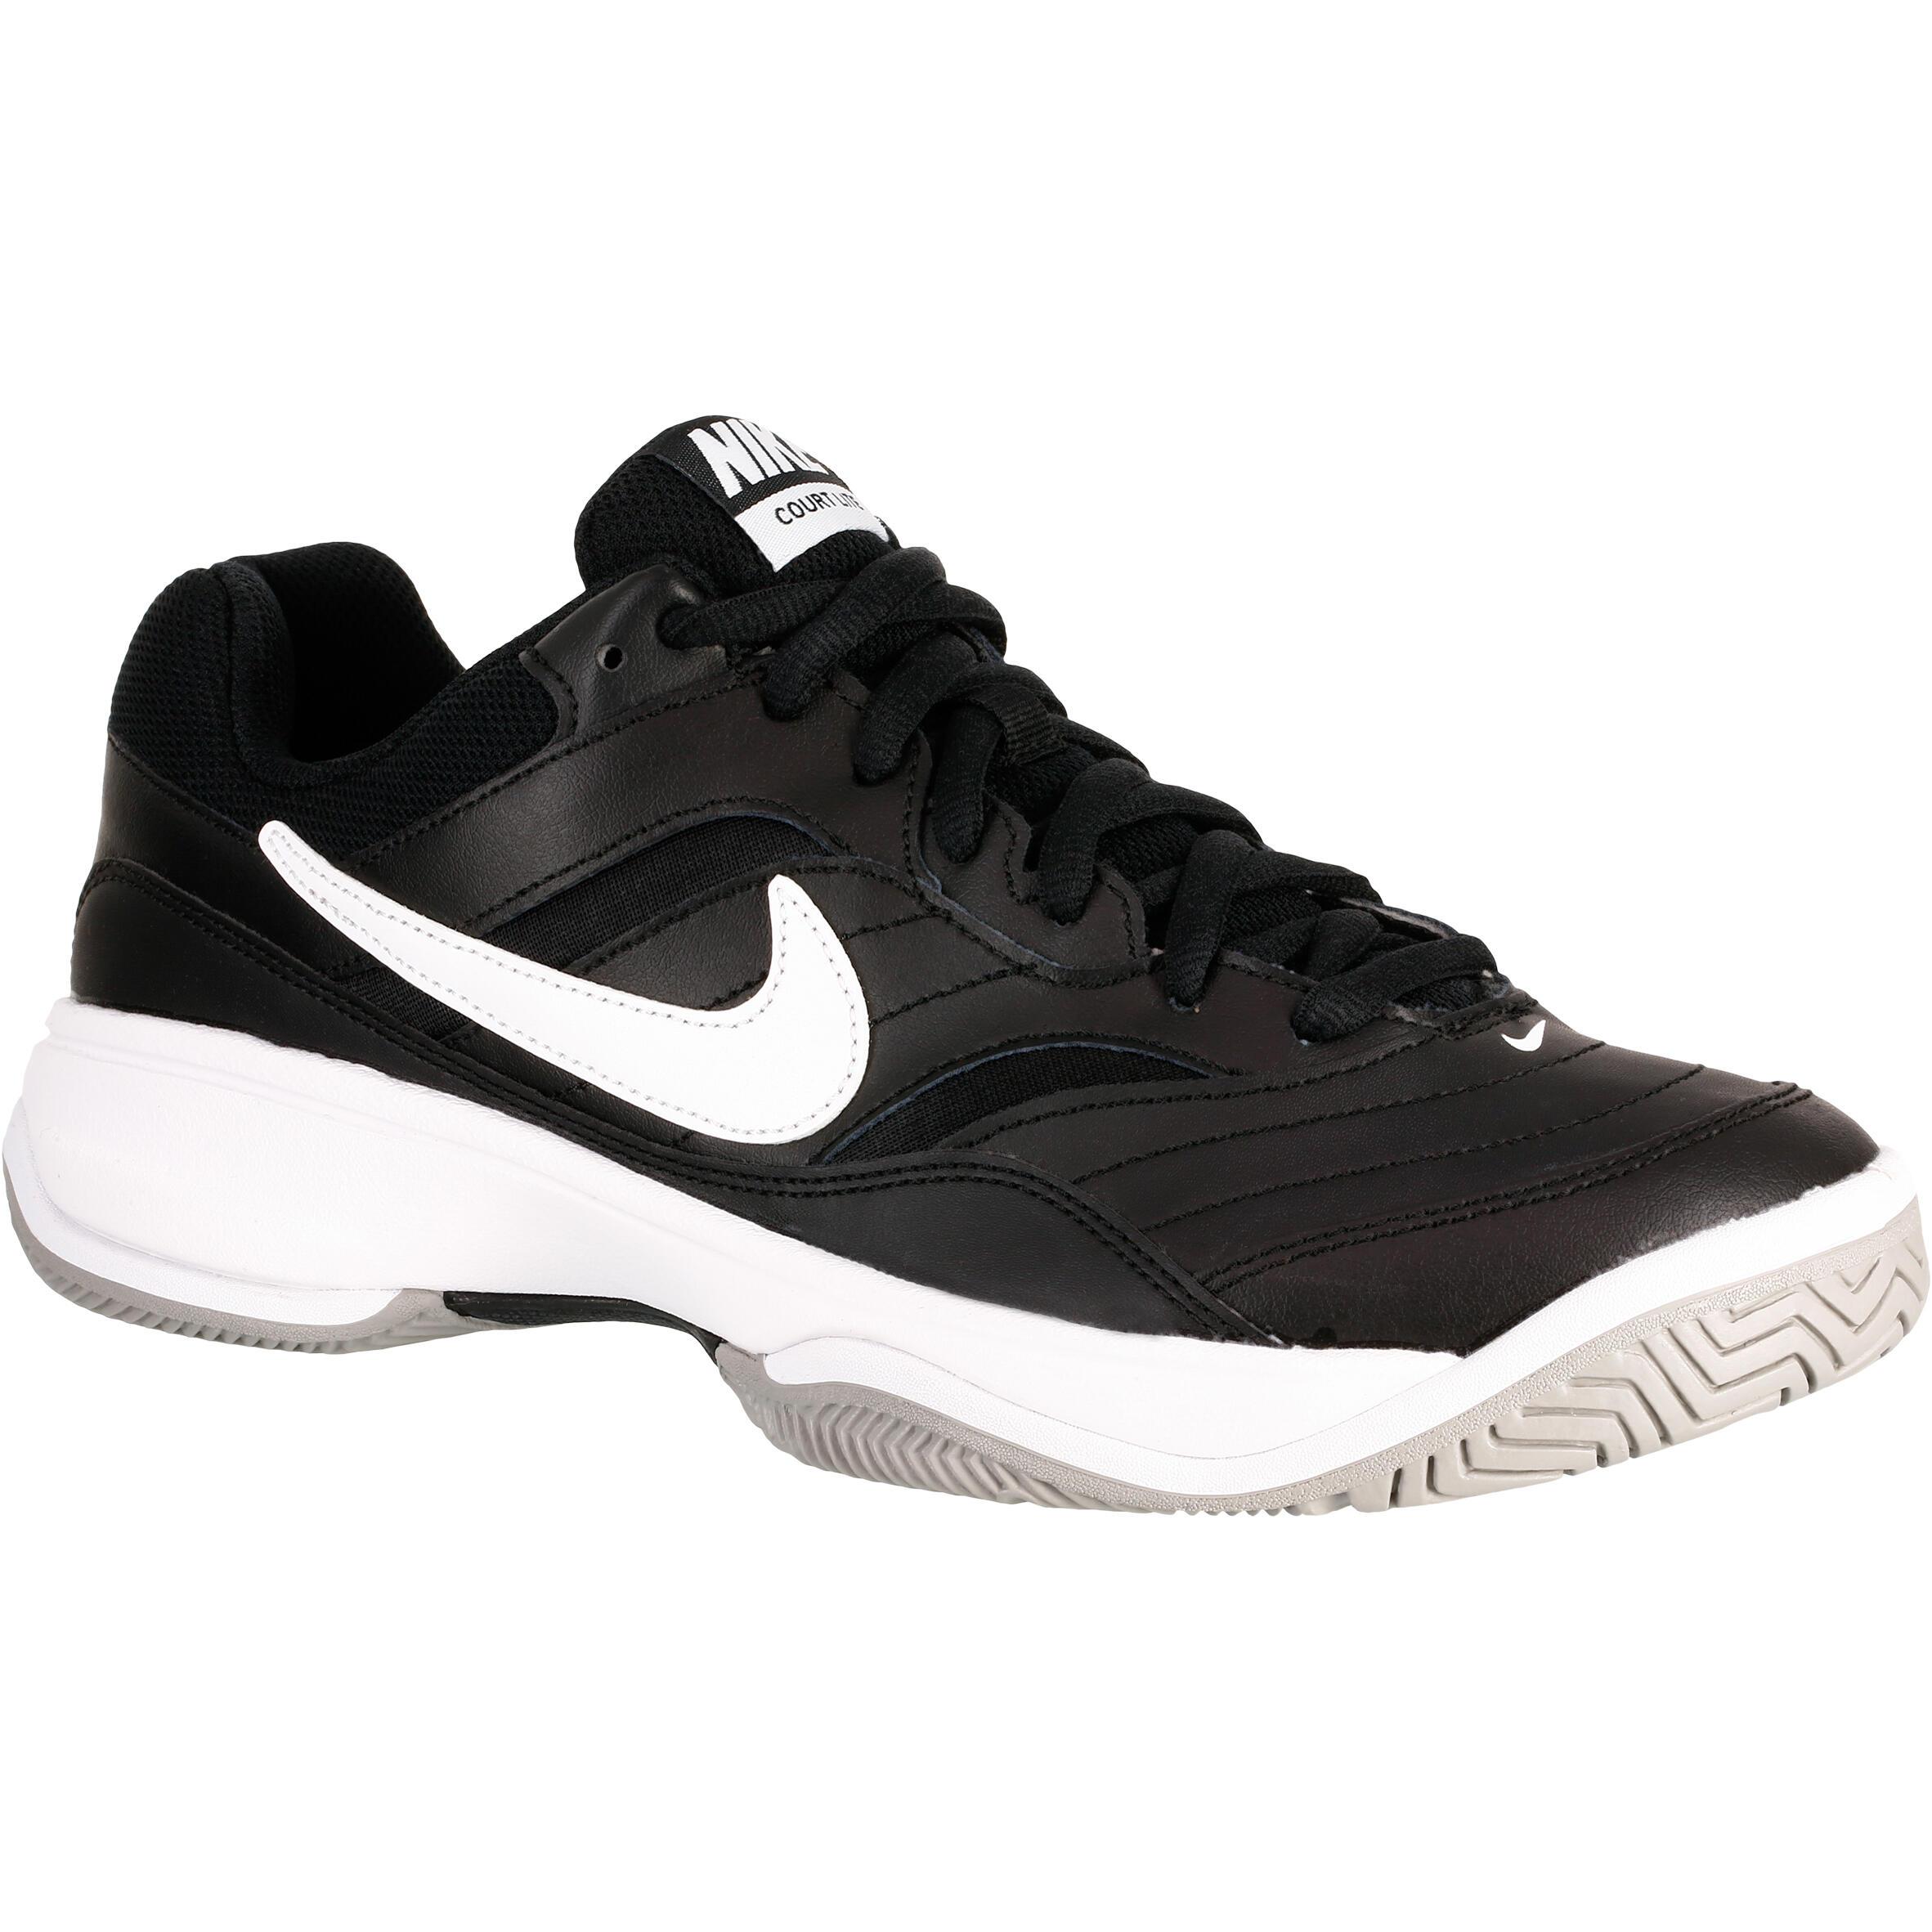 fbce62c10843f8 Nike